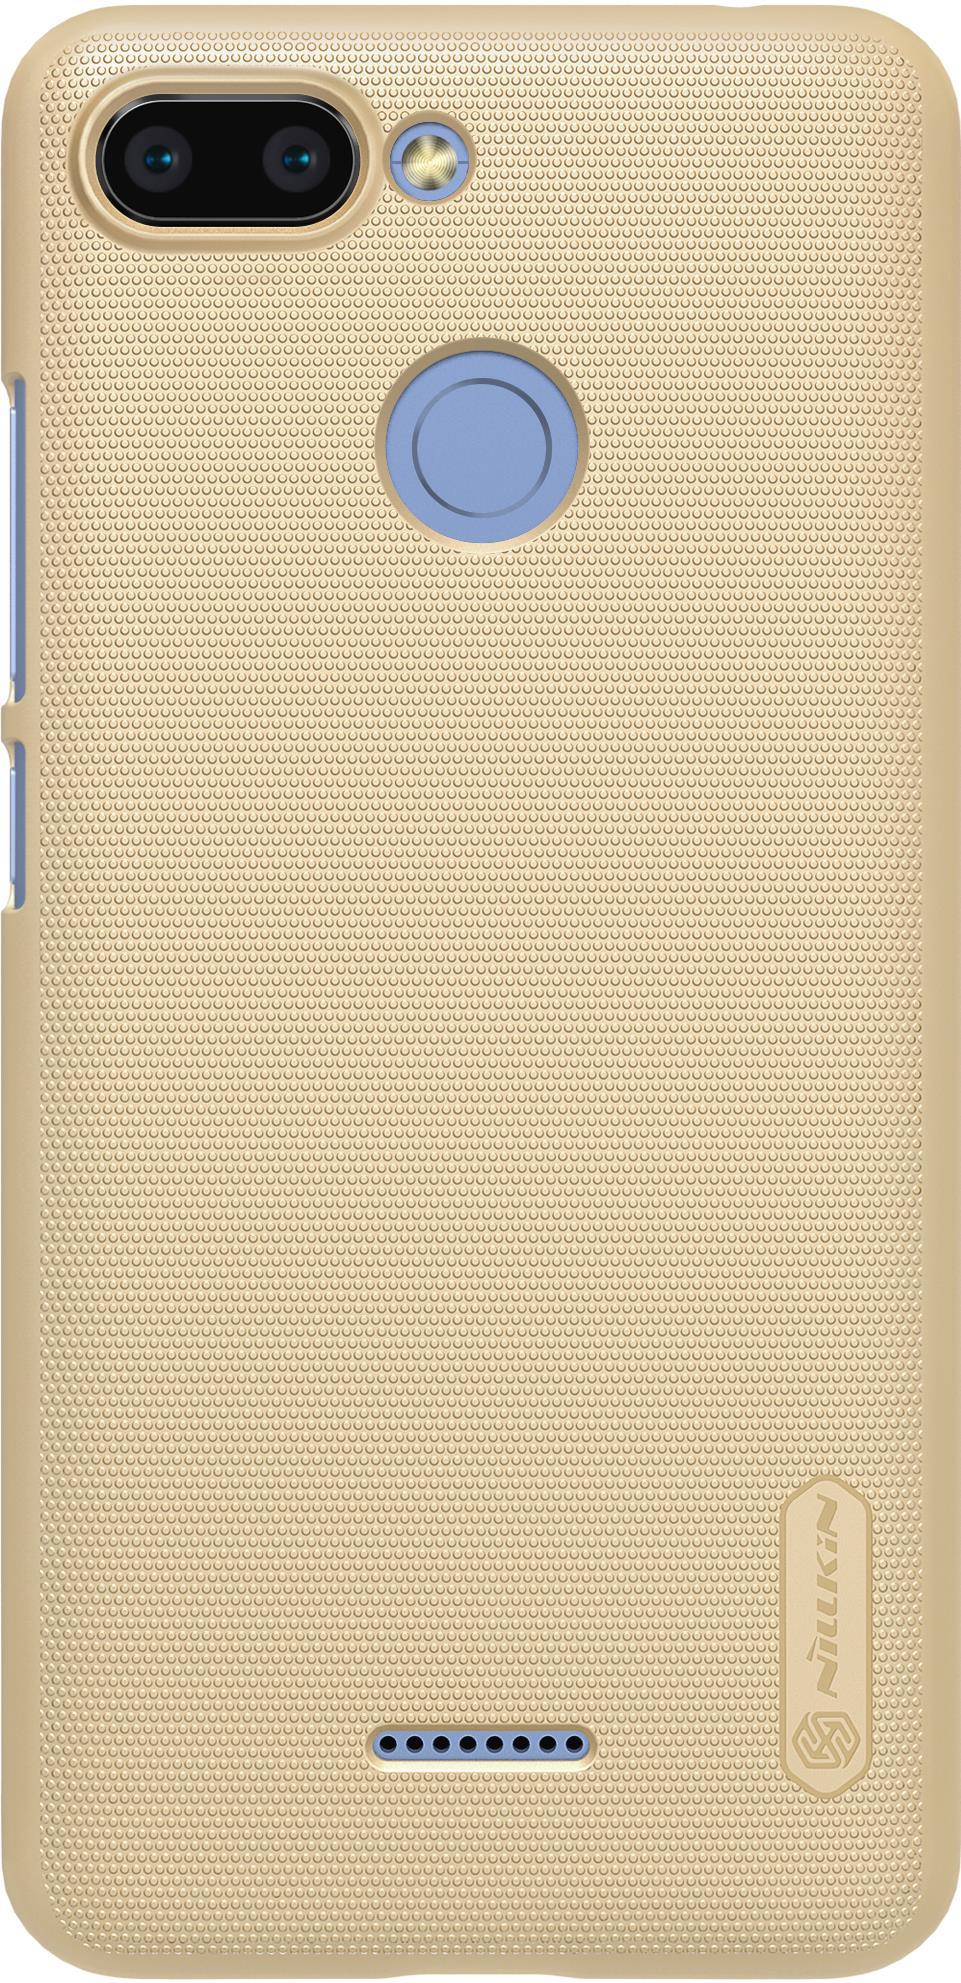 Чехол для сотового телефона Nillkin Super Frosted, 6902048160507, золотой